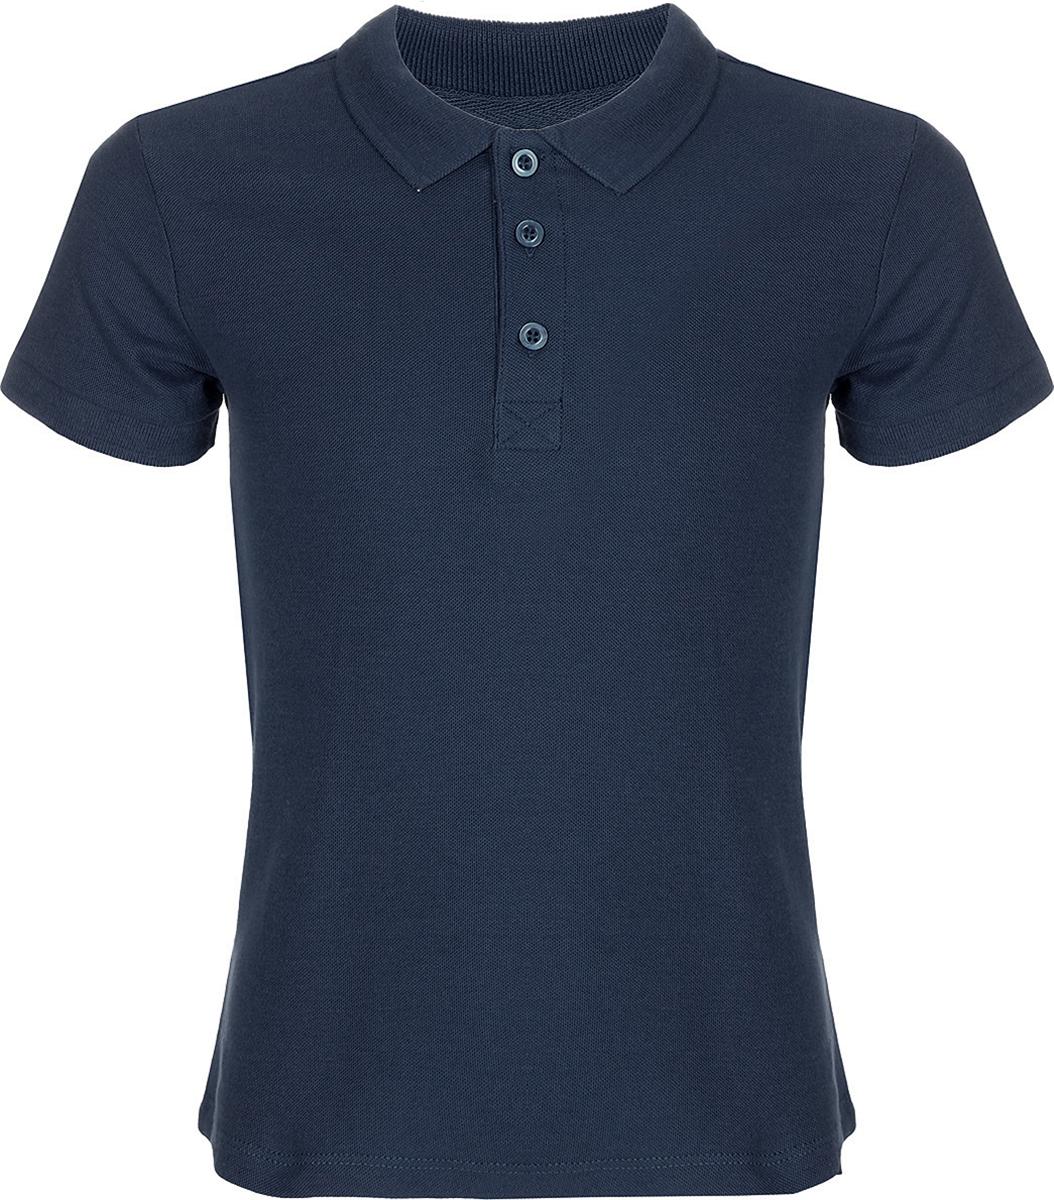 Поло для мальчика Sela, цвет: синий. Tsp-811/311-8152. Размер 152, 12 лет sela рубашка поло для мальчика sela